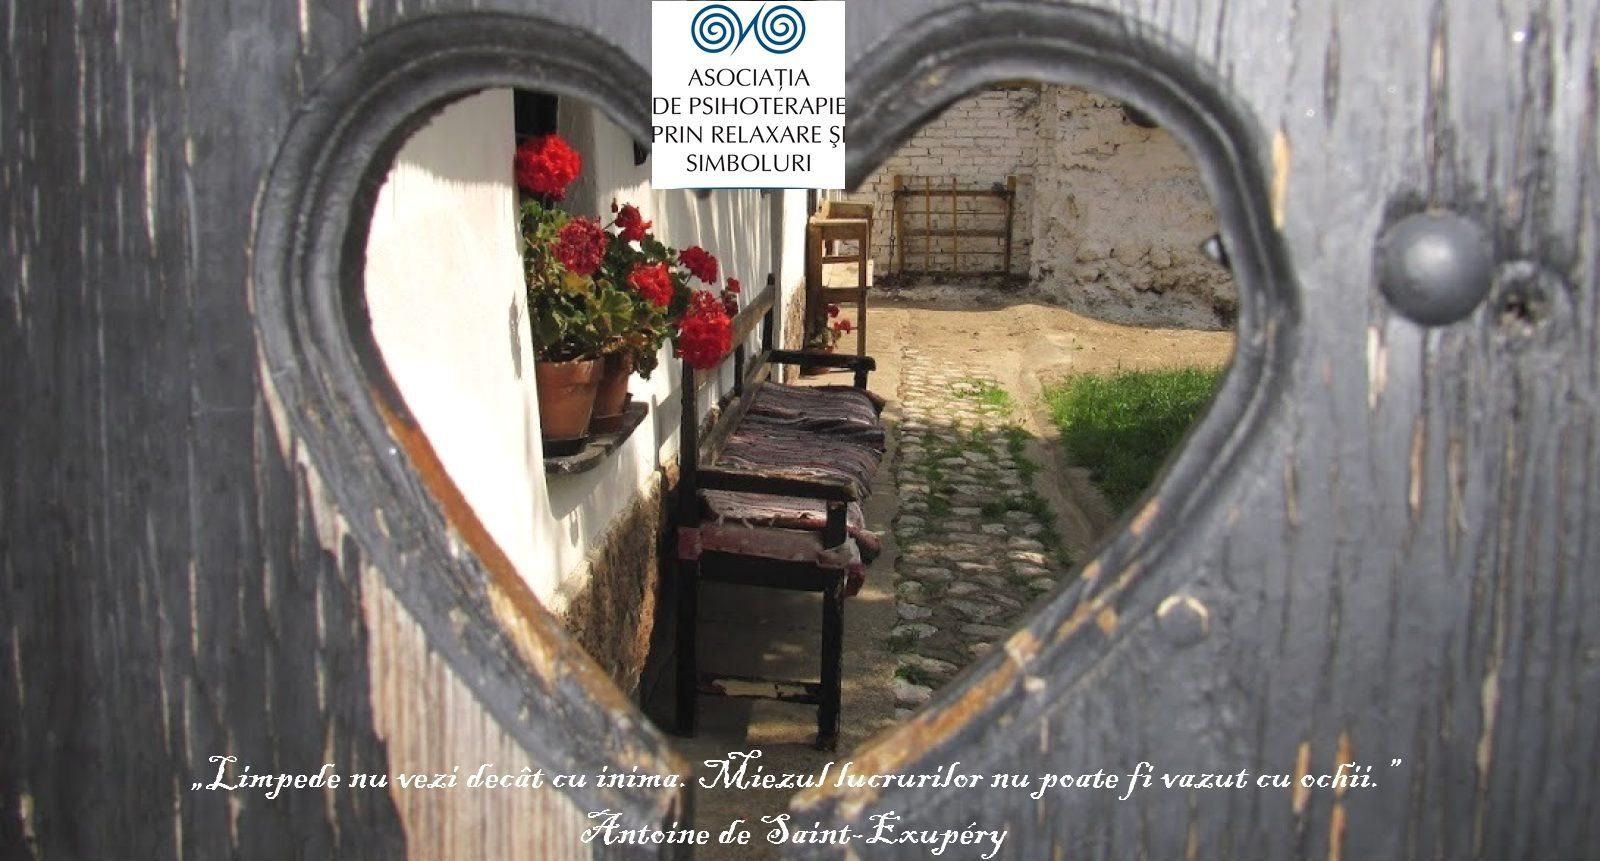 Asociaţia de Psihoterapie prin relaxare şi simboluri